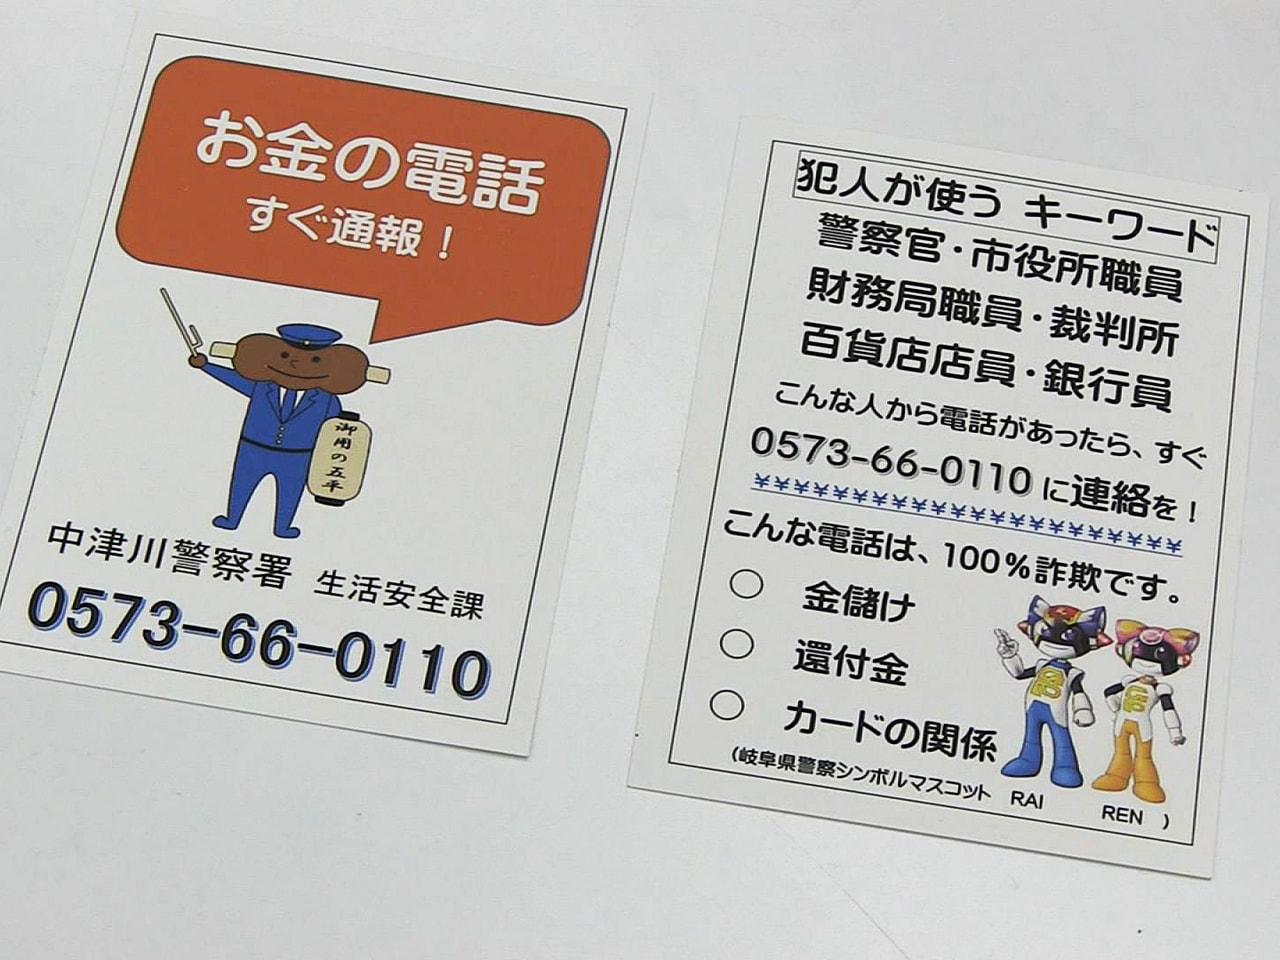 岐阜県中津川警察署は、中津川市内でも被害が出ているニセ電話詐欺を撲滅しようと、オ...